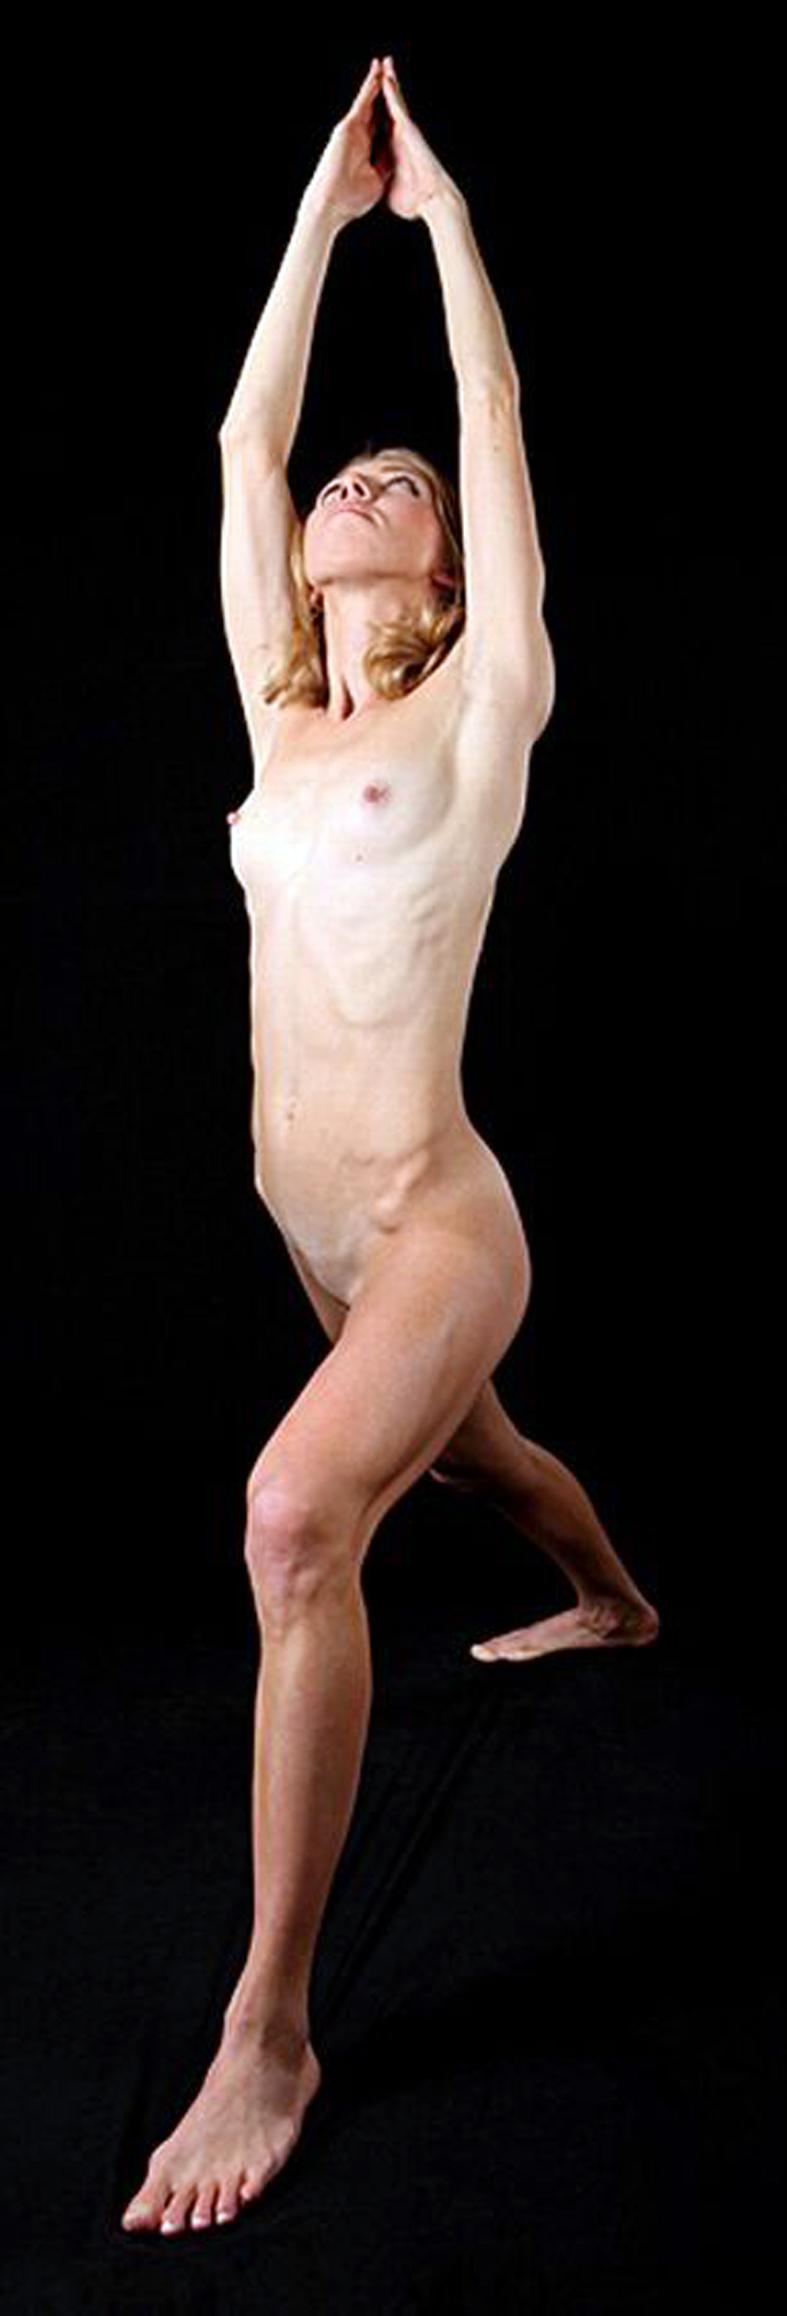 Эротичные фото биатлонисток 25 фотография